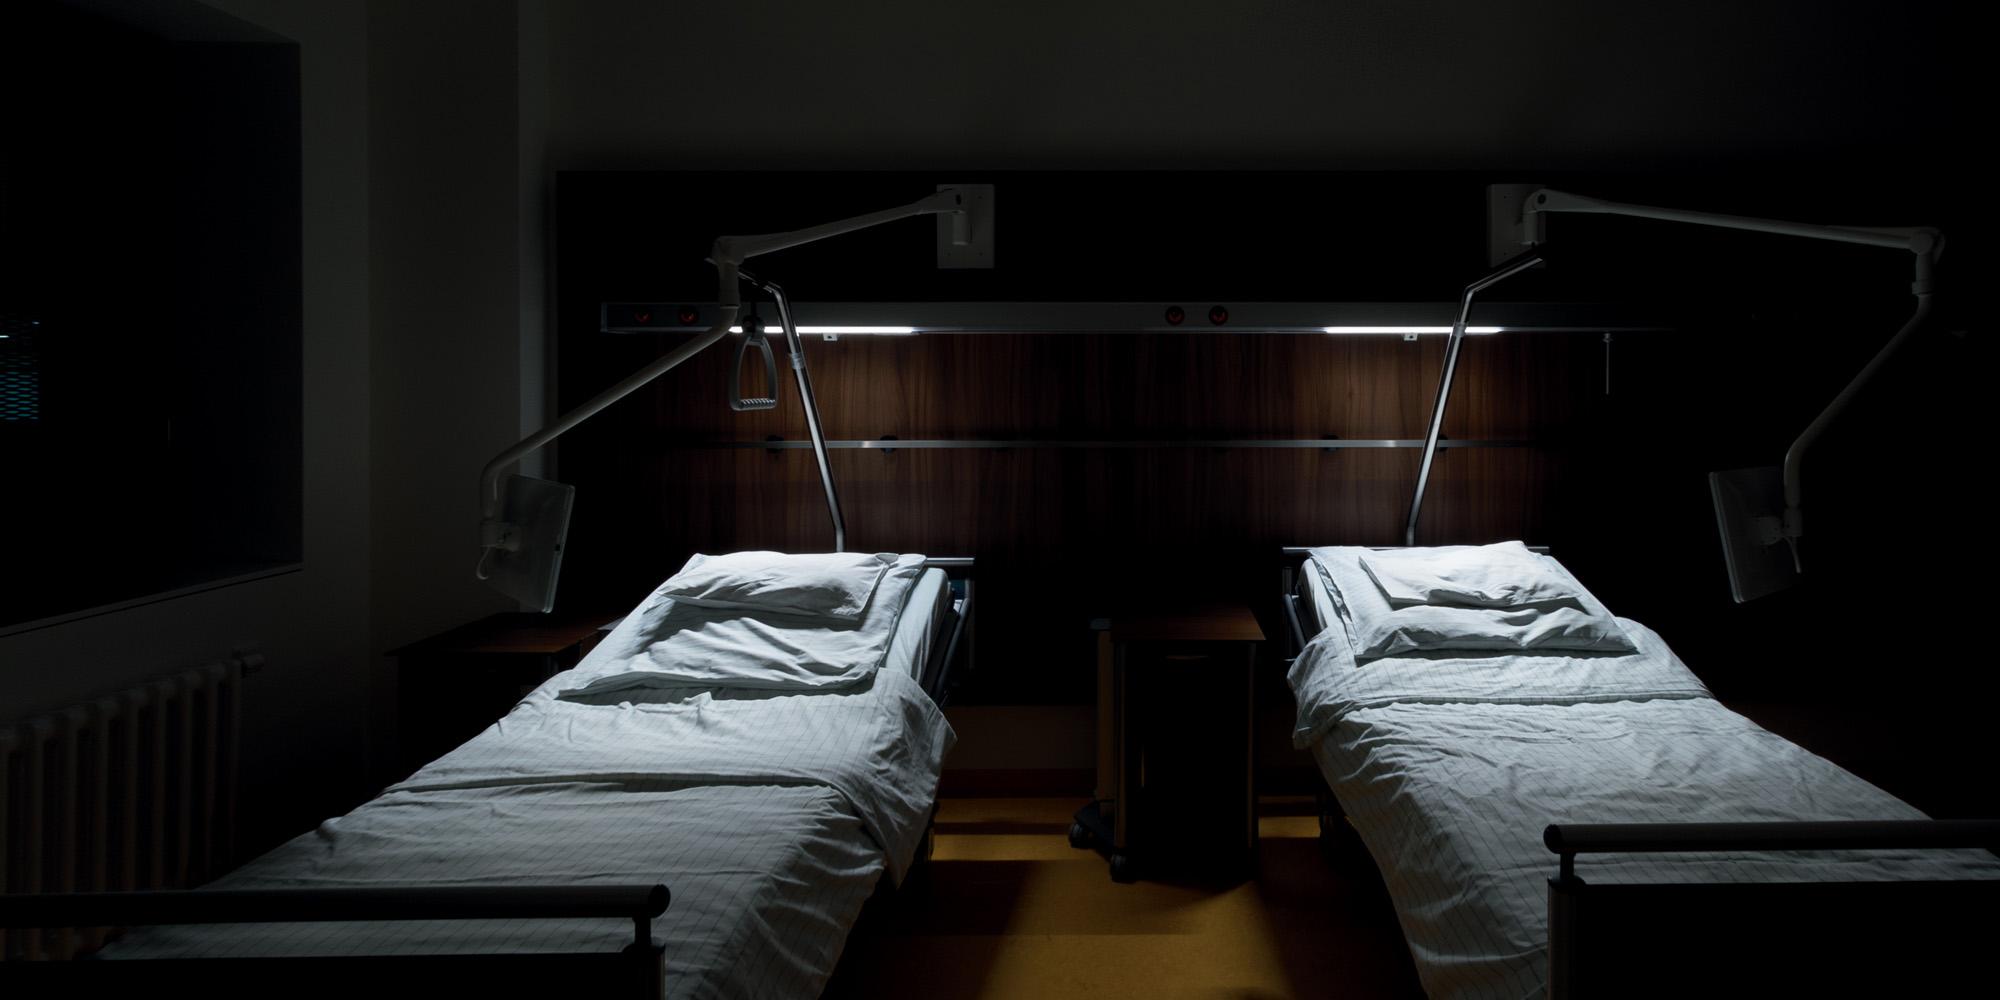 Anteriore a LED specchia la luce, semplici stanze da bagno